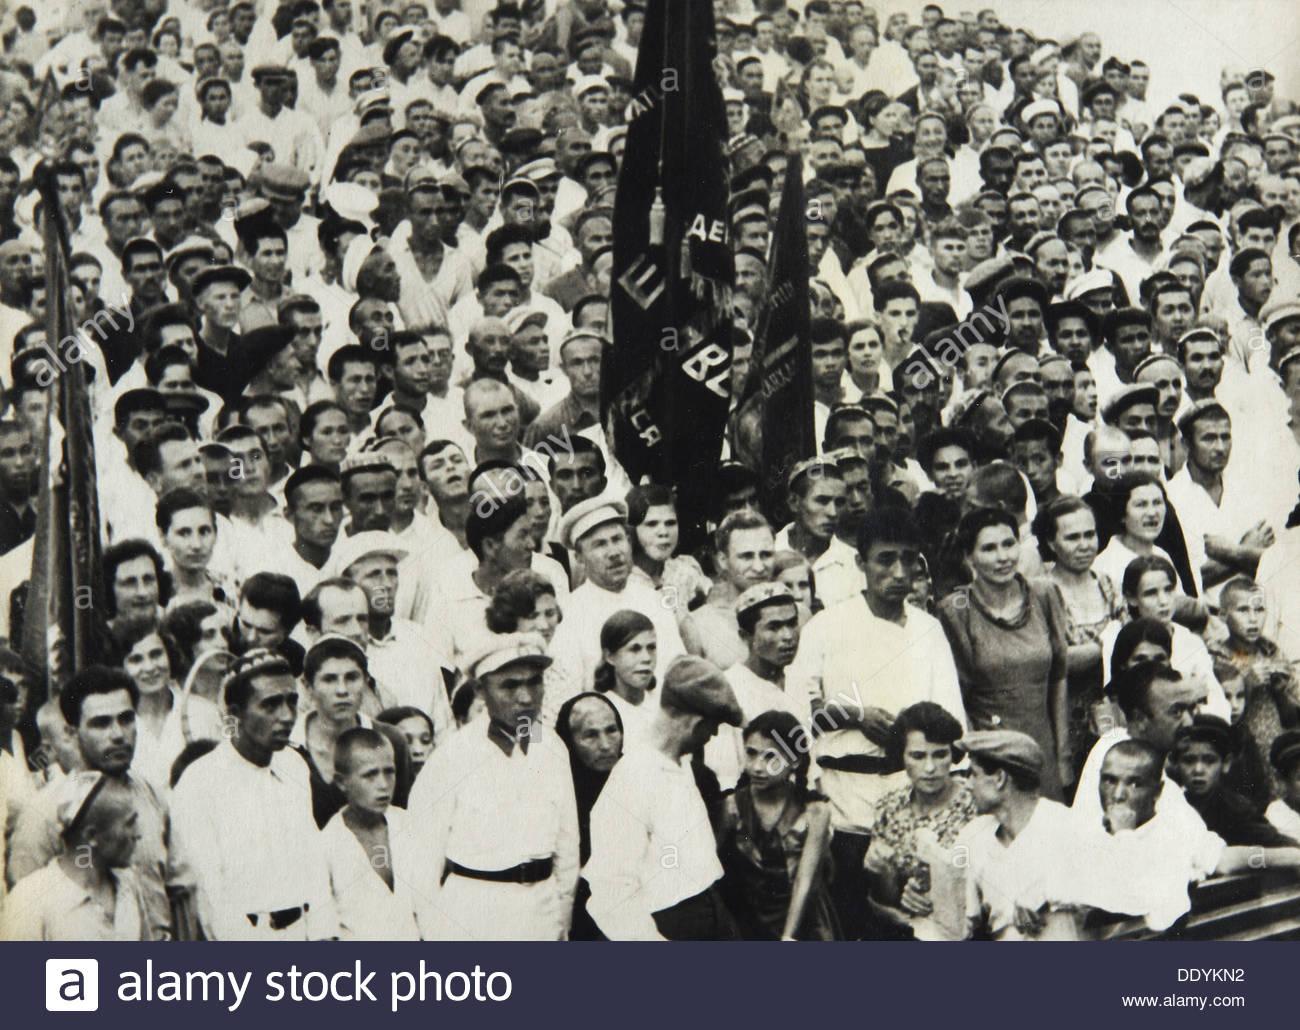 Festival in Soviet Central Asia, 1930s. - Stock Image